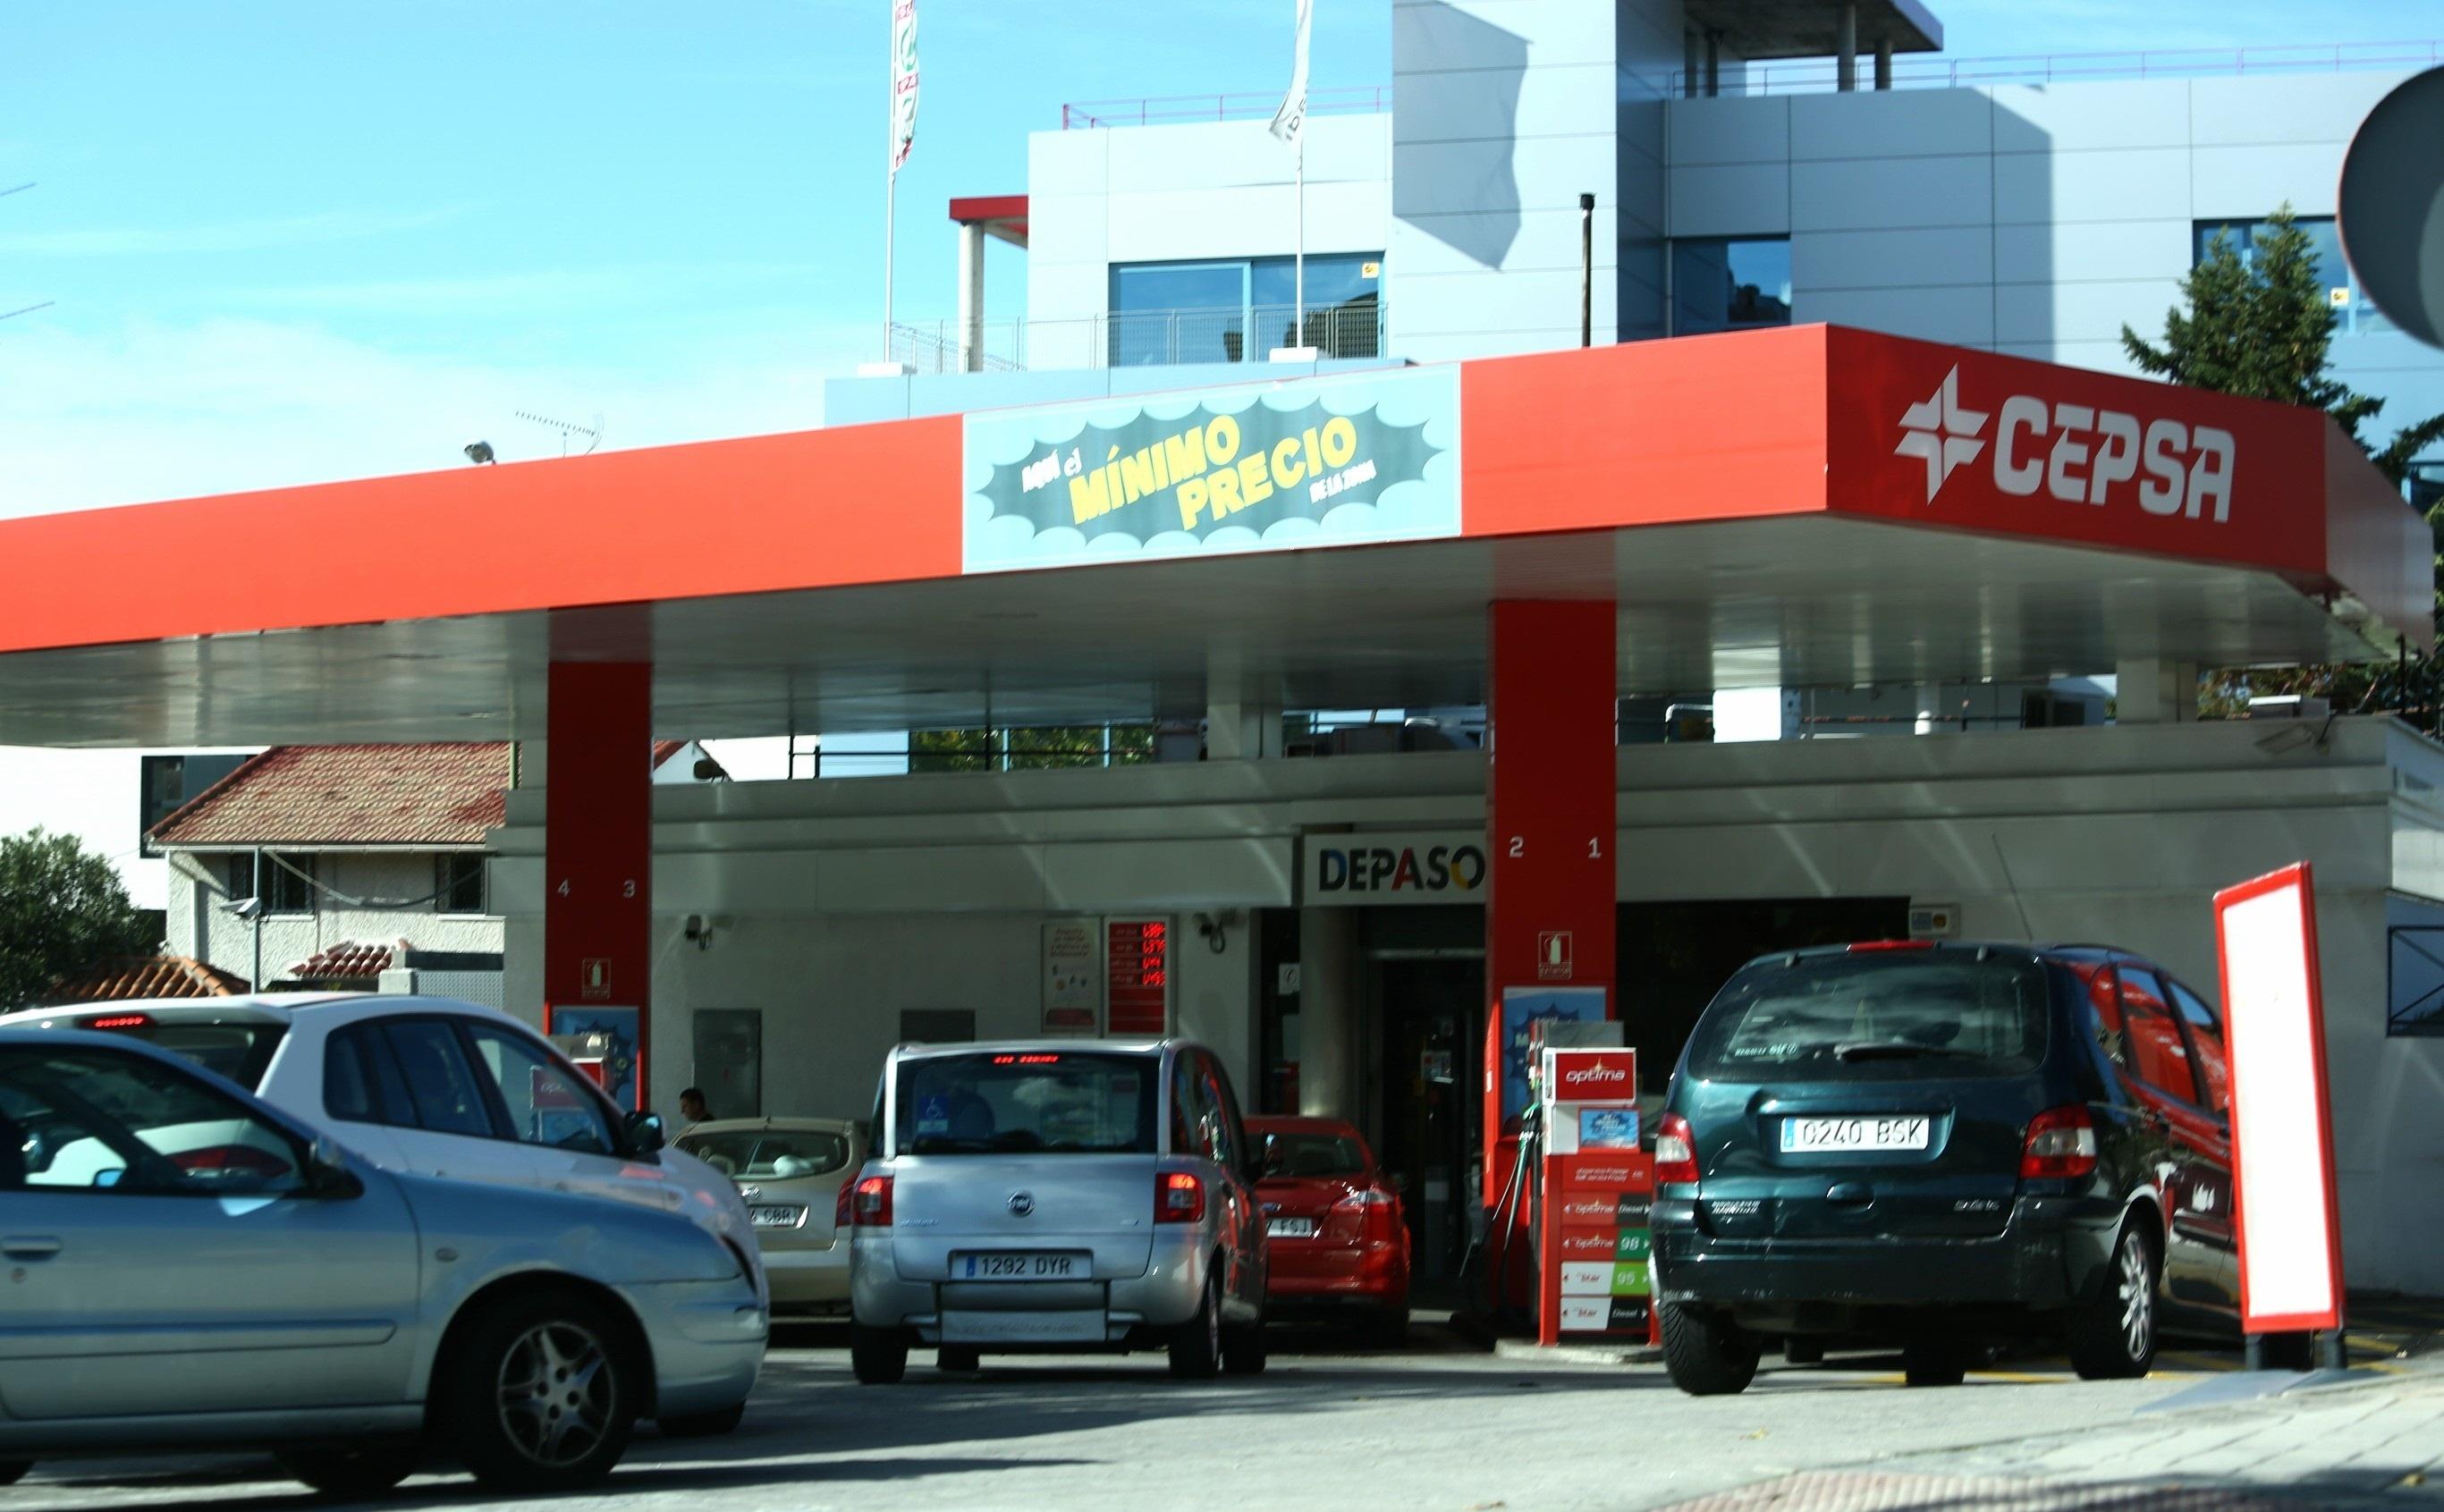 (Ampl.) El gasóleo se abarata un 1% y la gasolina baja de los 1,4 euros en vísperas de Todos los Santos